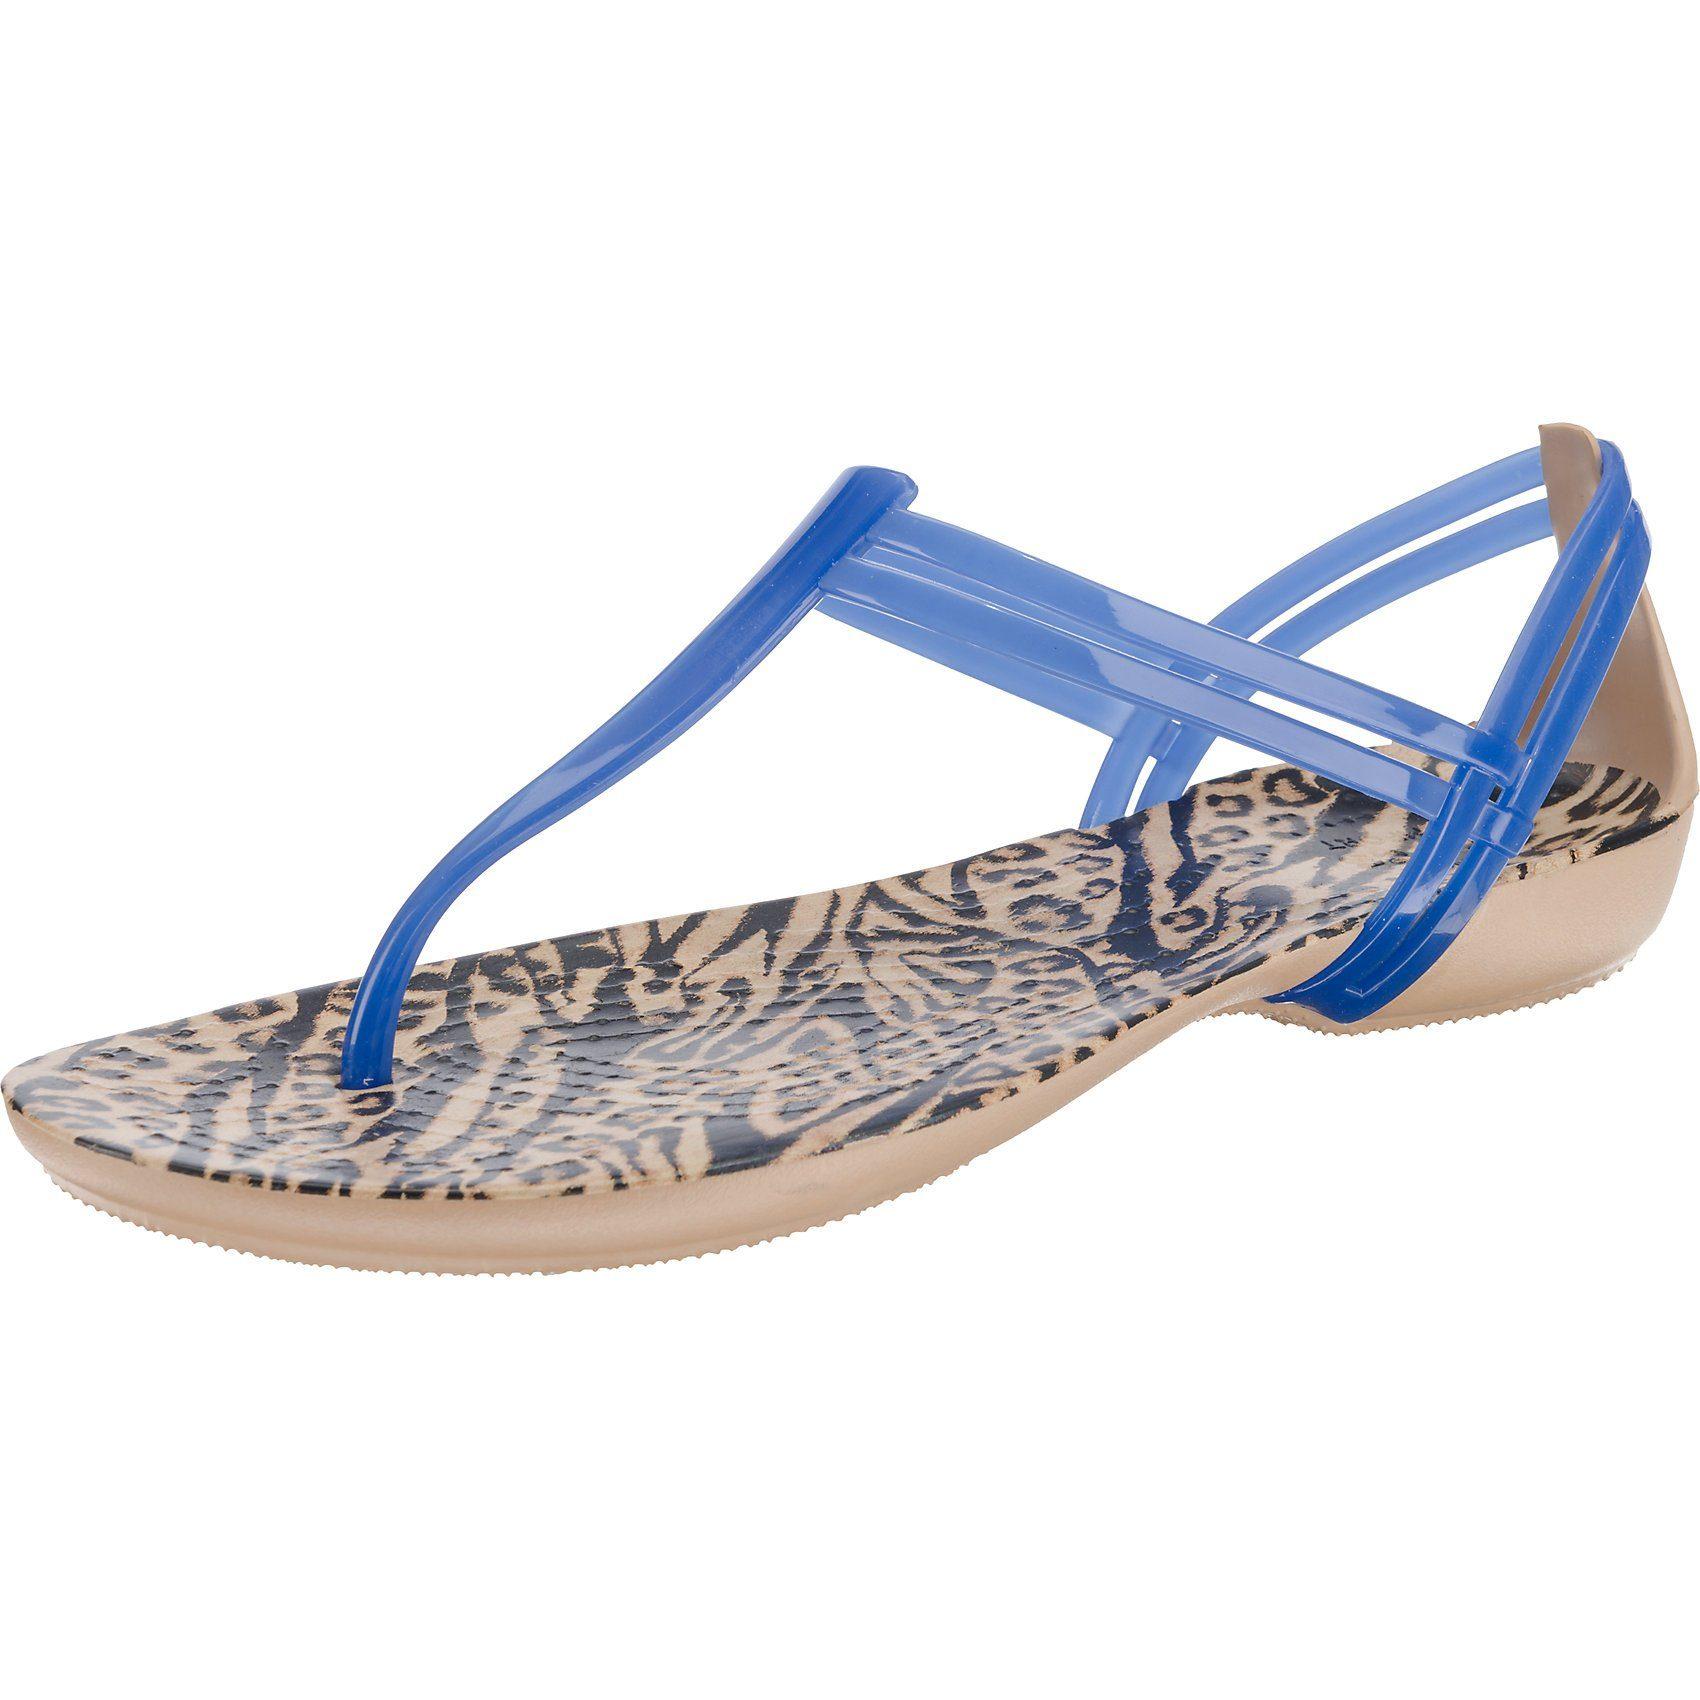 CROCS Isabella Graphic T-strap T-Steg-Sandalen  blau-kombi